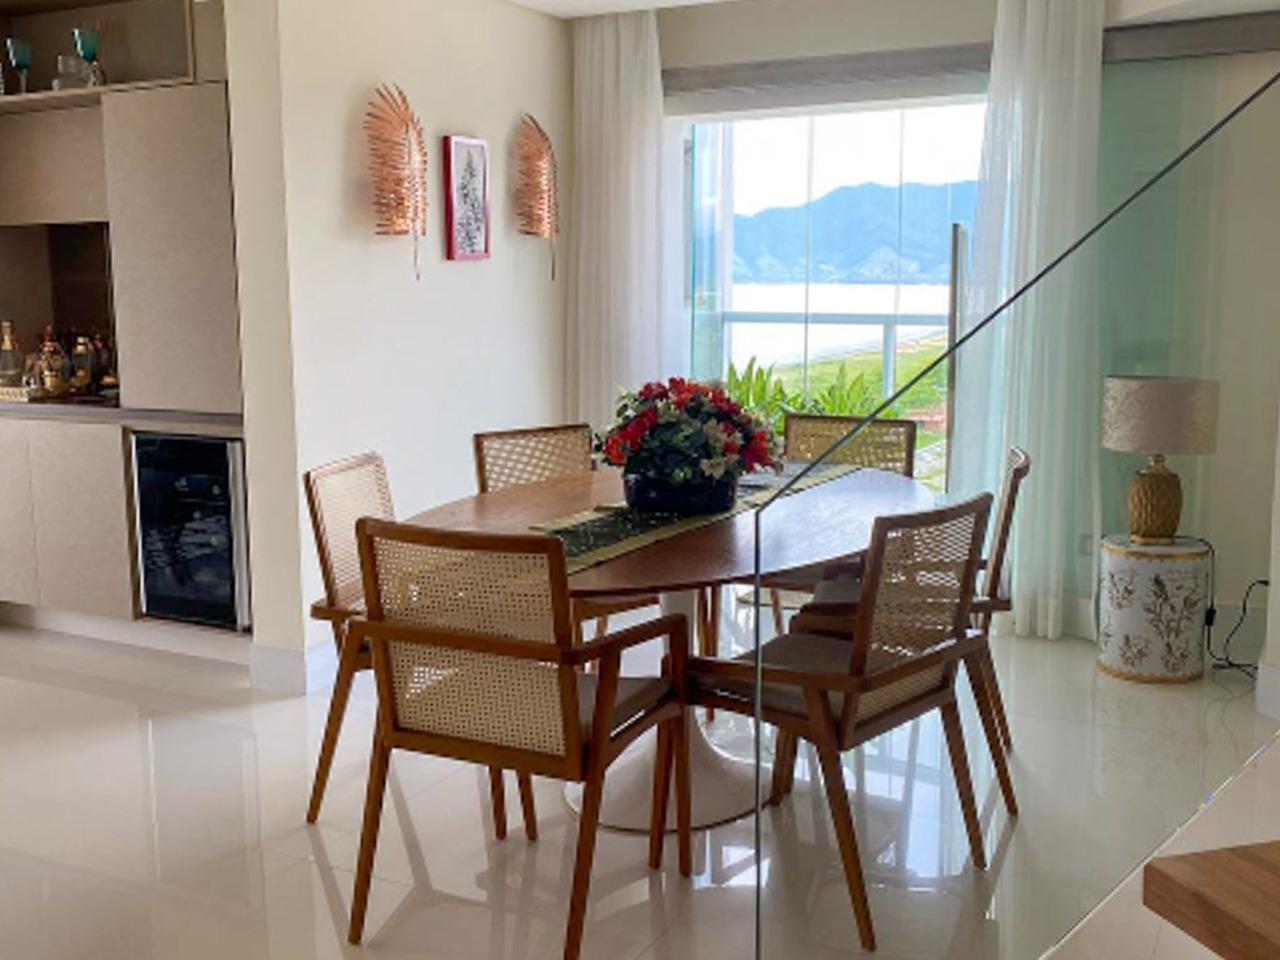 Cobertura com 3 dormitórios (1 suíte) para alugar em CARAGUATATUBA, no bairro INDAIA